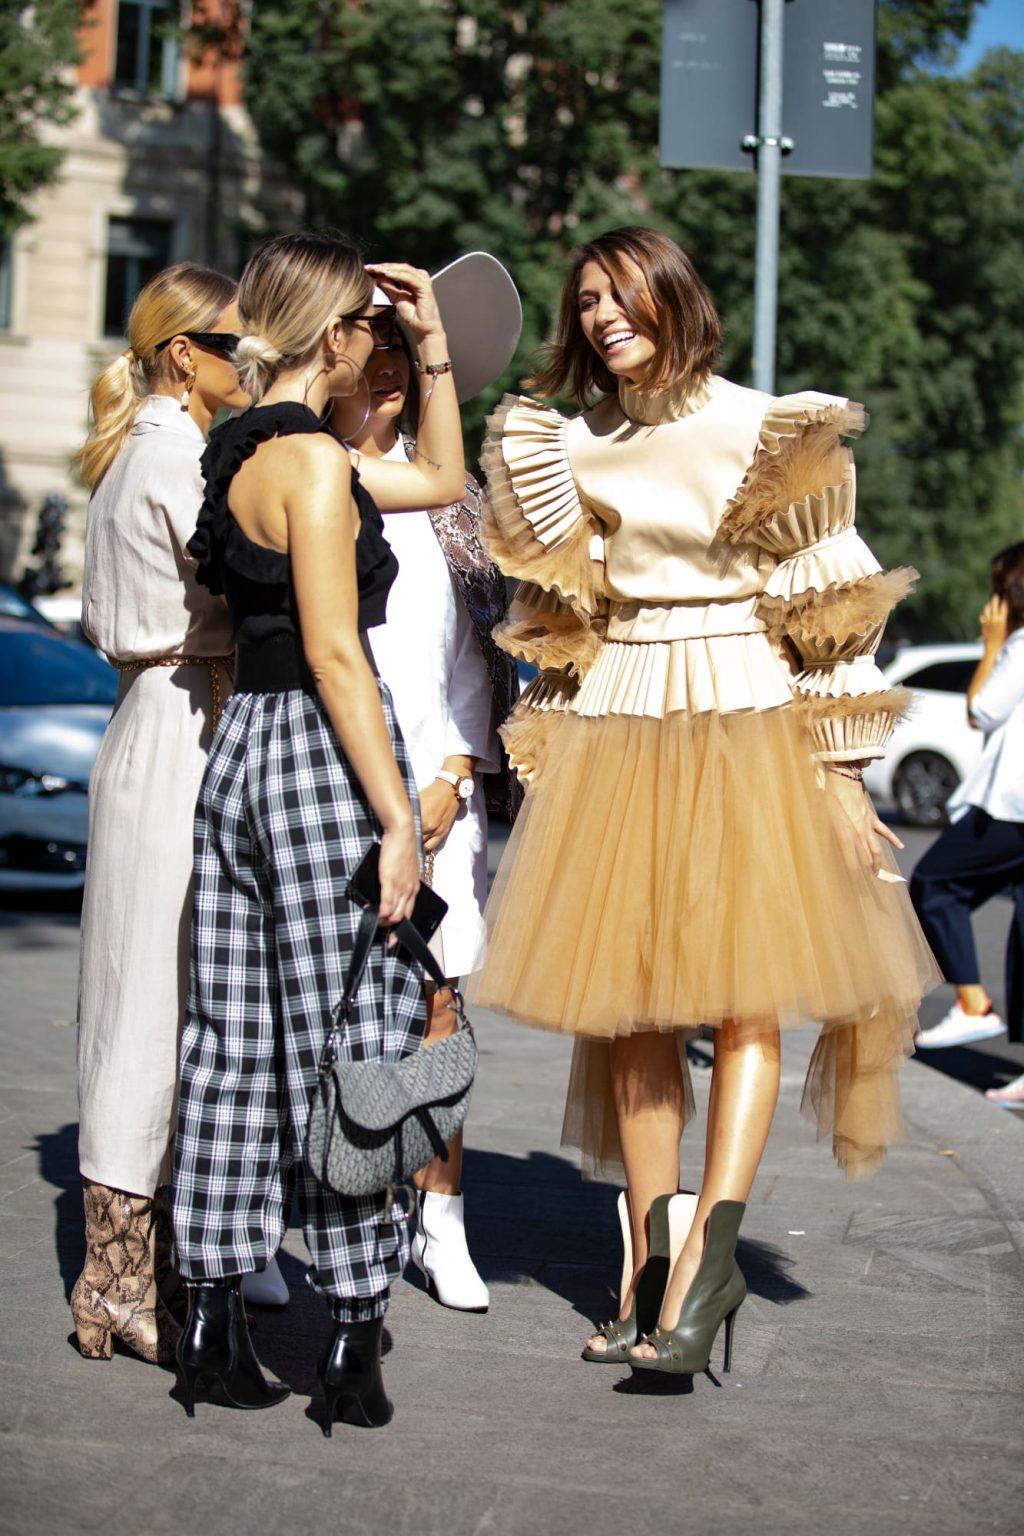 street style tuần lễ thời trang Milan chi tiết phóng đại 2